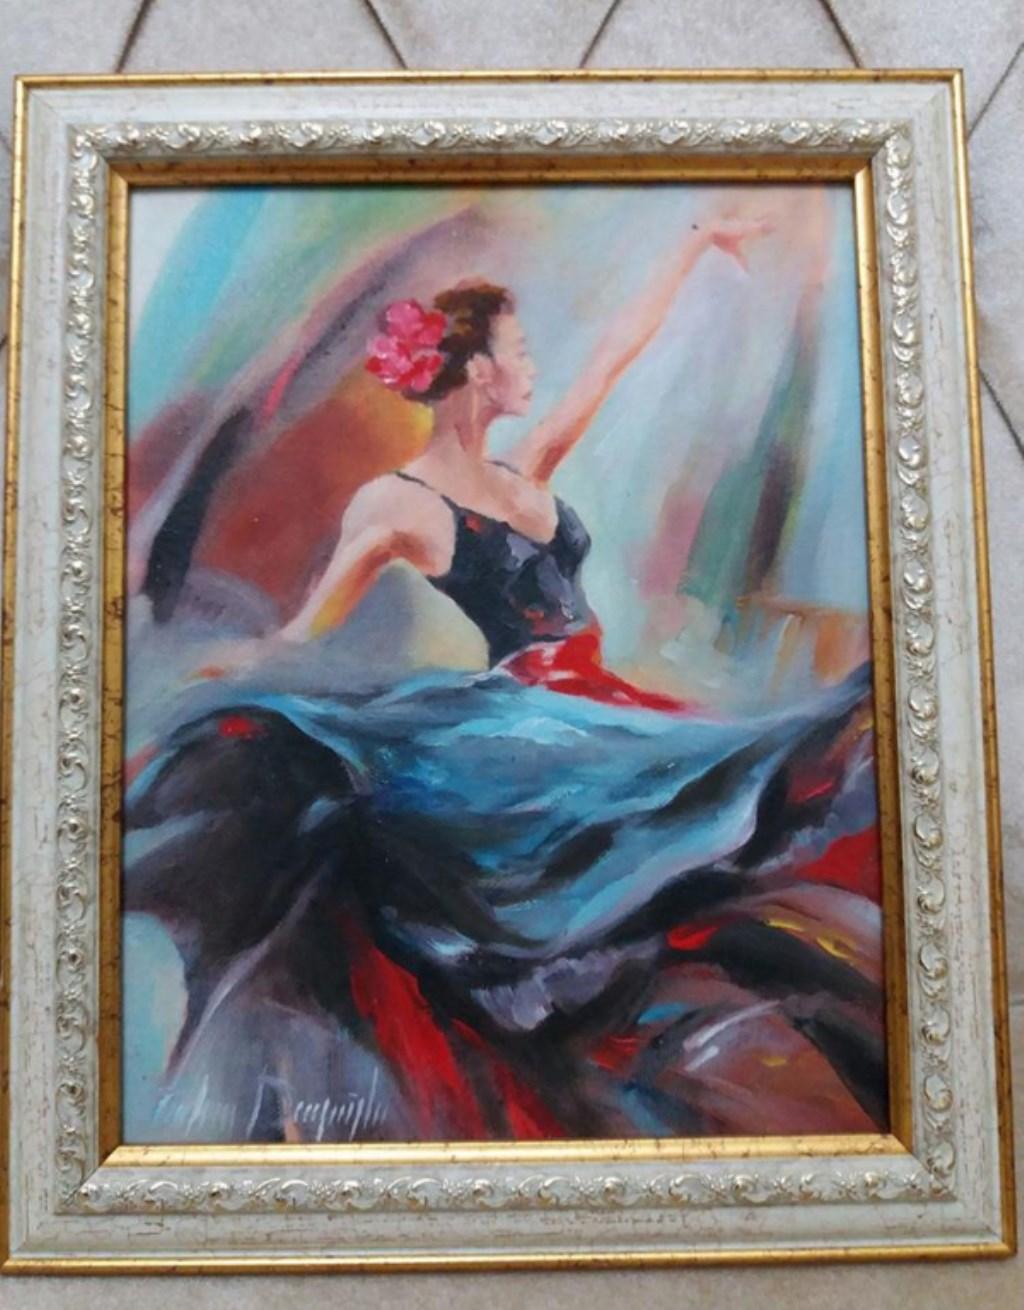 Balerin Kız Tuval üstü Yağlı Boya Tablo